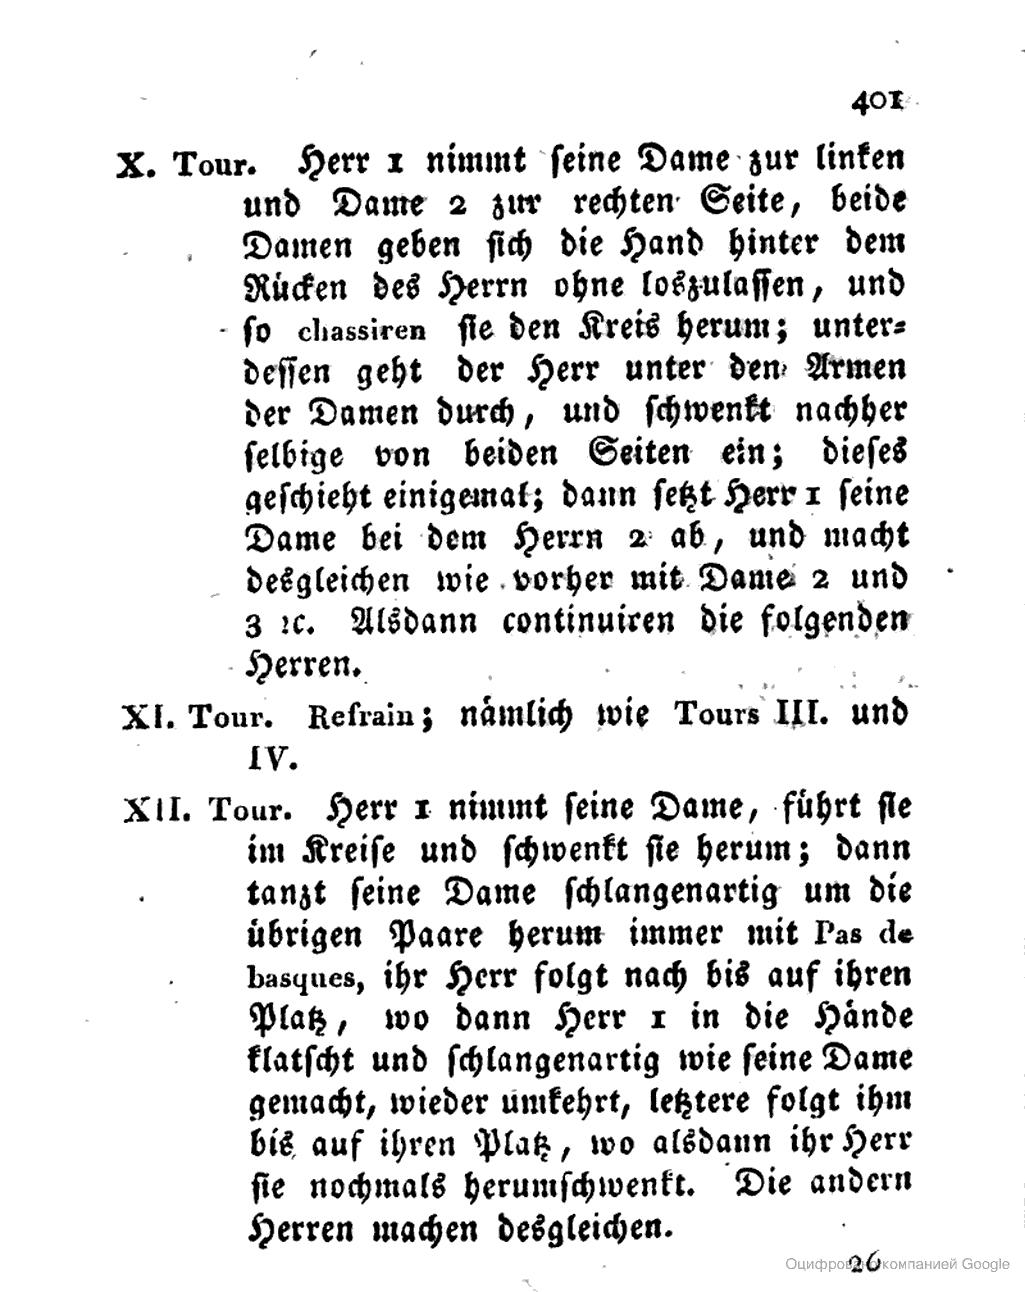 1824 Taschenbuch zum geselligen Vergnügen. Объяснение туров 9 ...